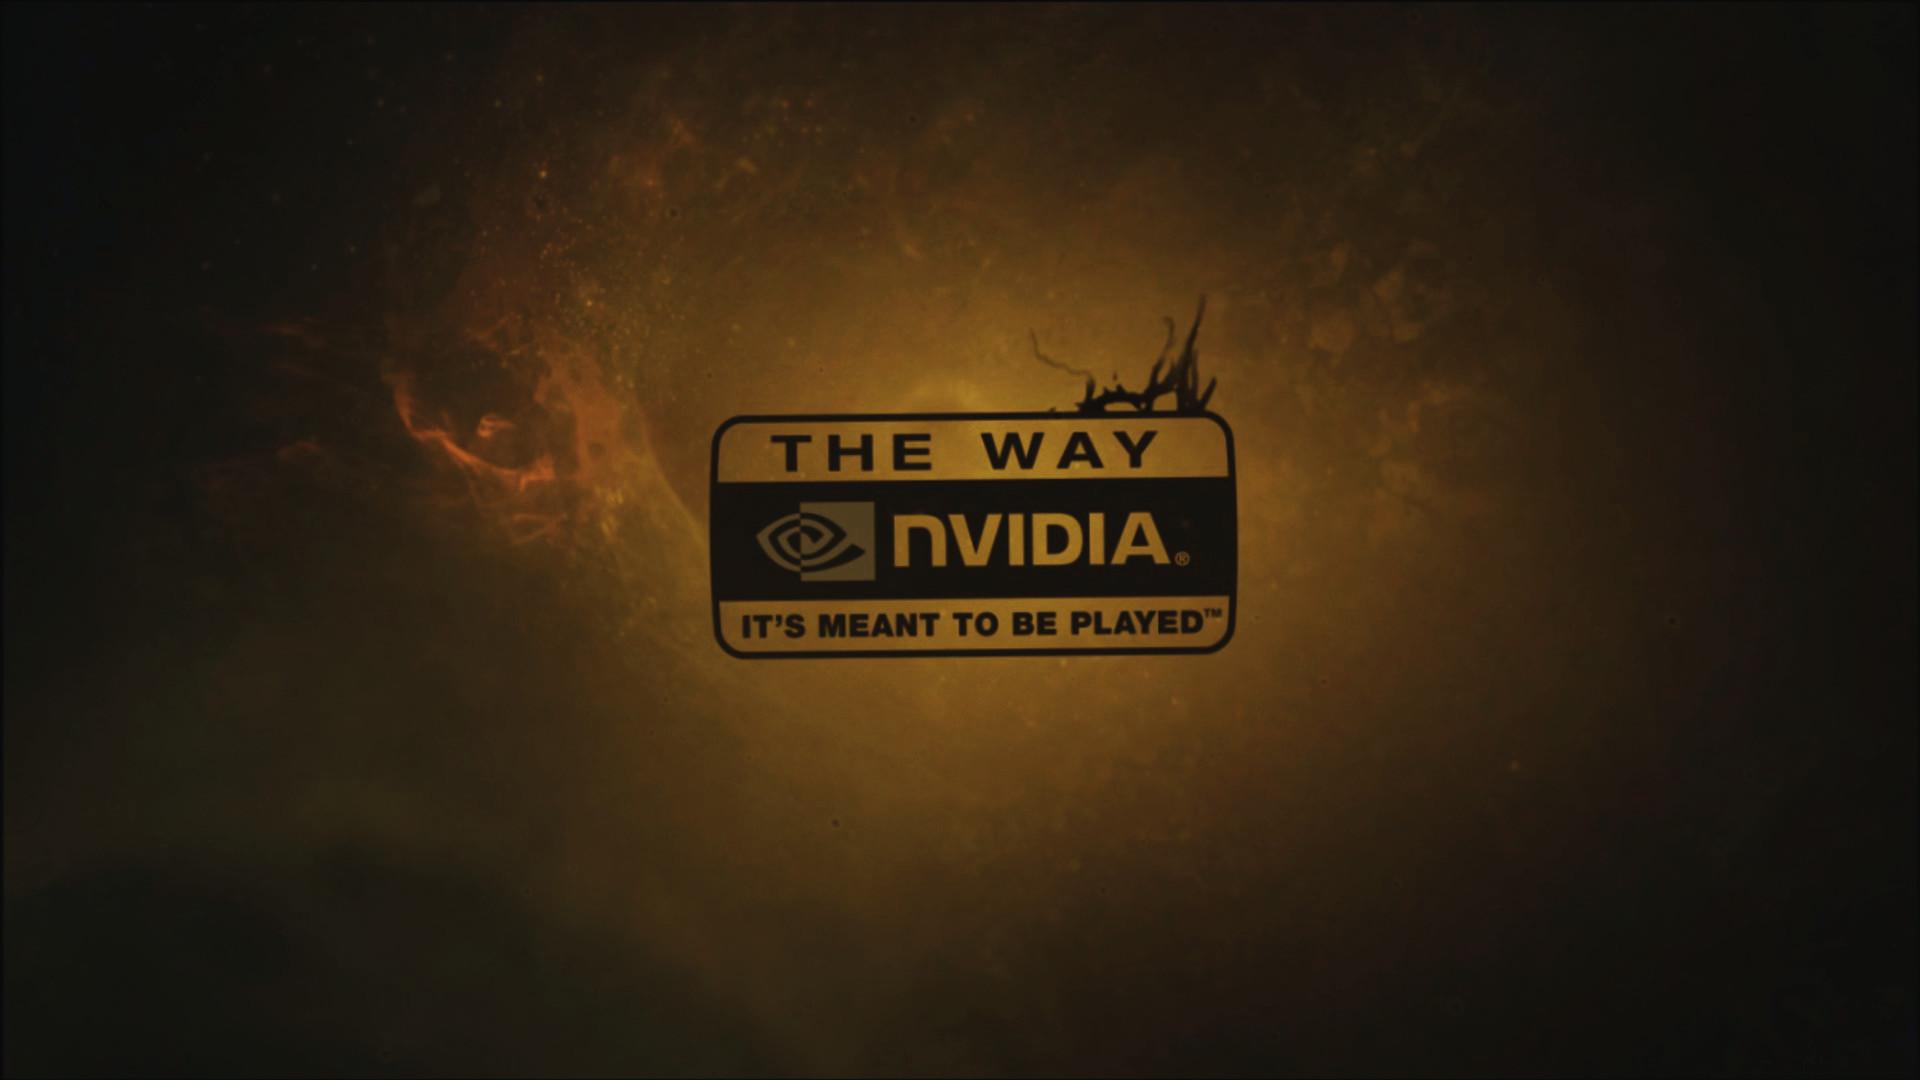 Nvidia Gaming 1280×1024 Resolution